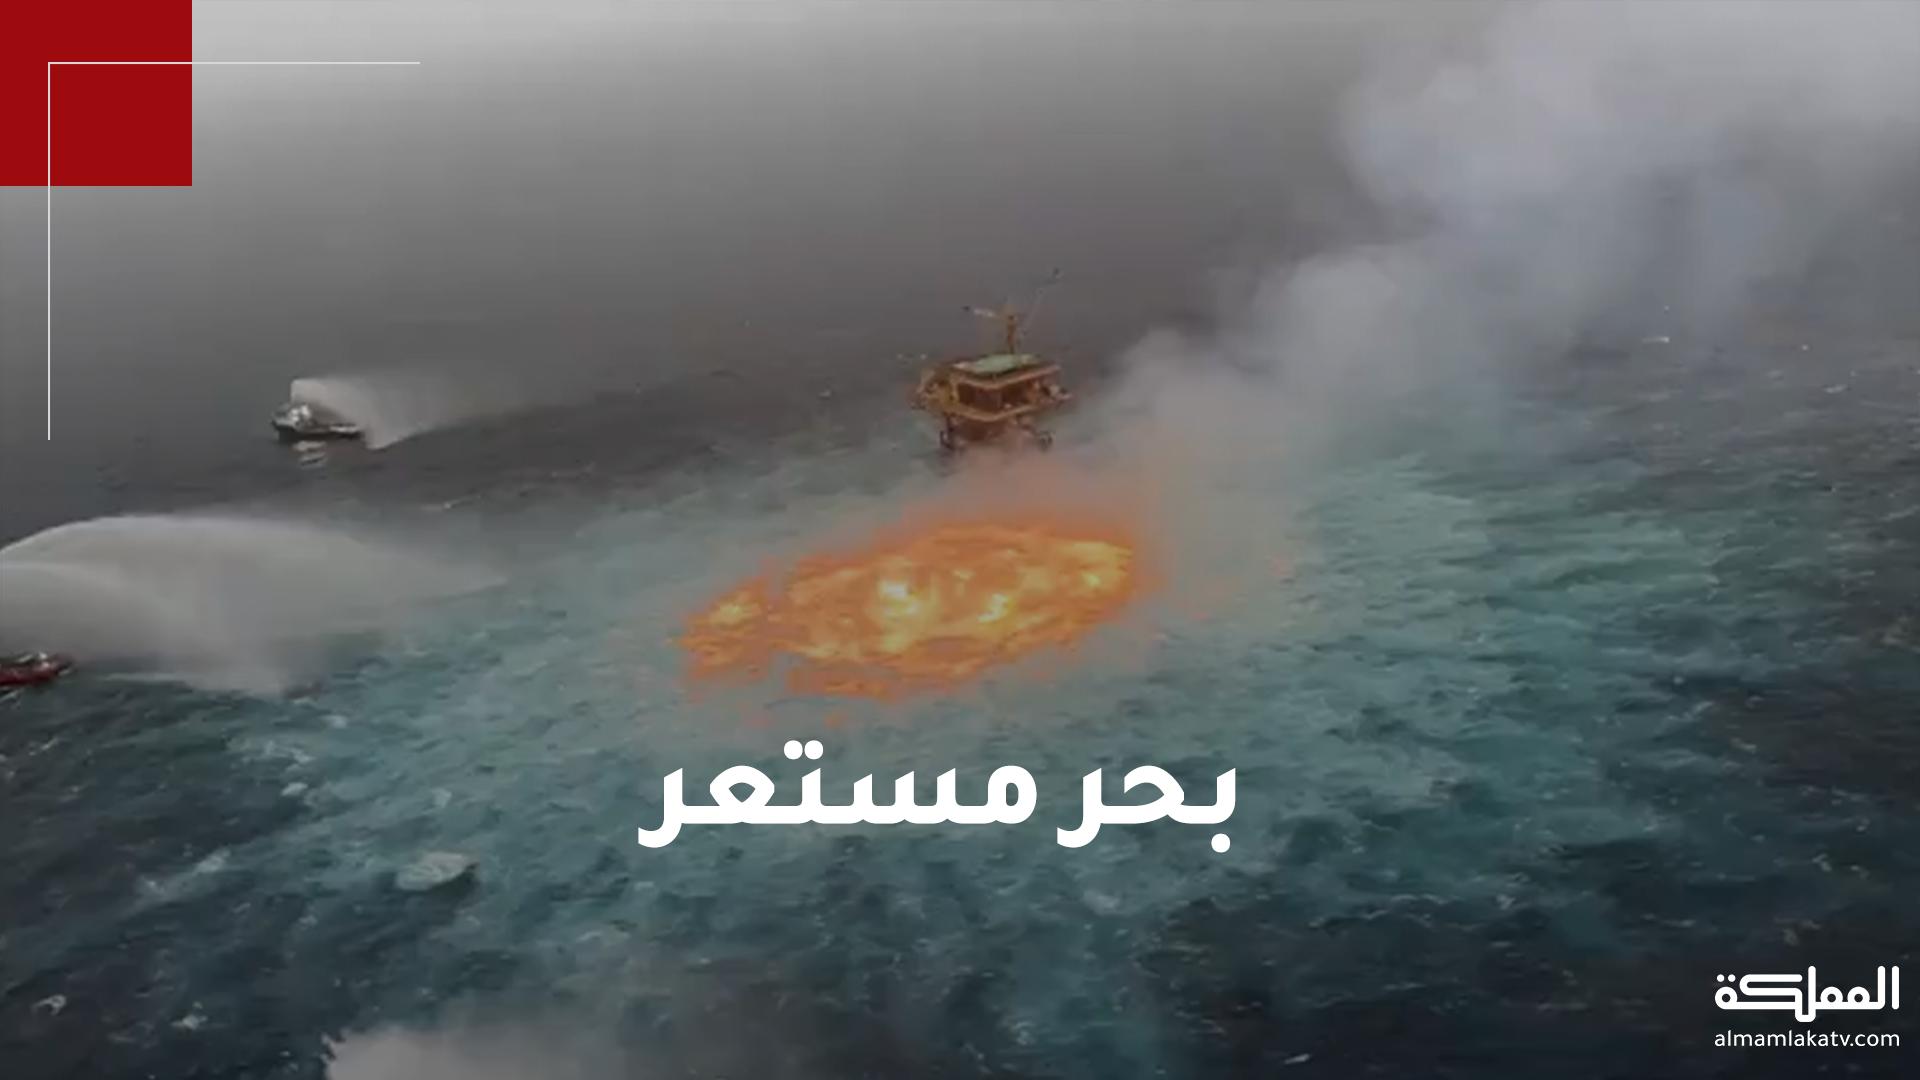 مشهد نادر.. حلقة من النار وسط خليج المكسيك ناجمة عن اشتعال أنابيب غاز